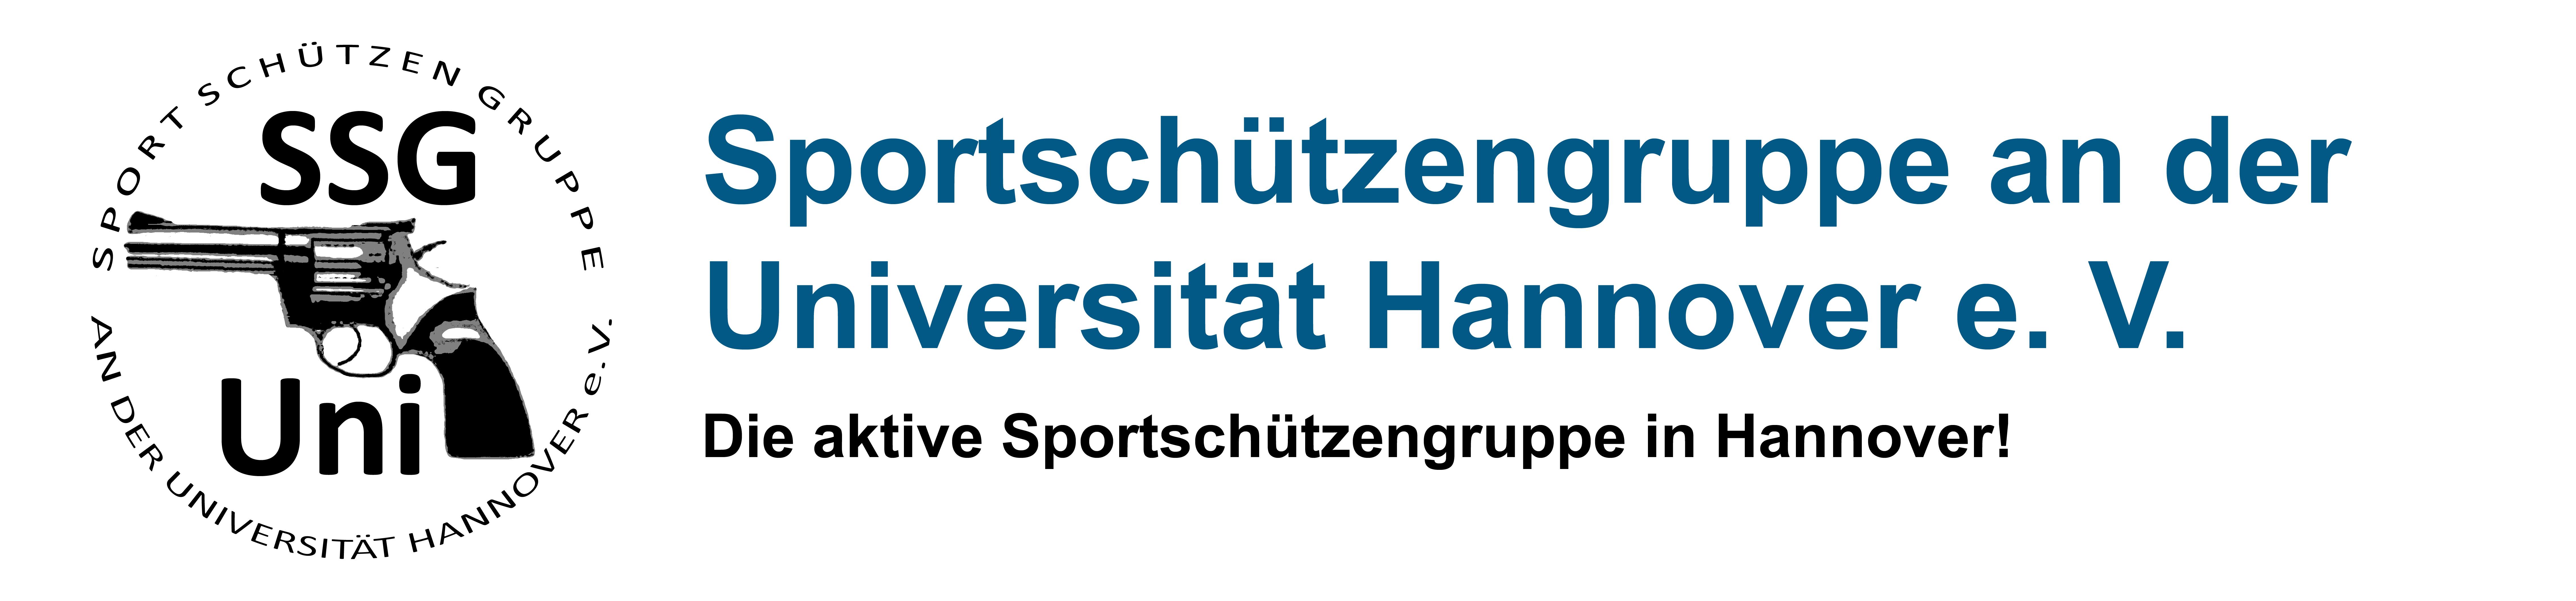 Sportschützengruppe an der Universität Hannover e.V.